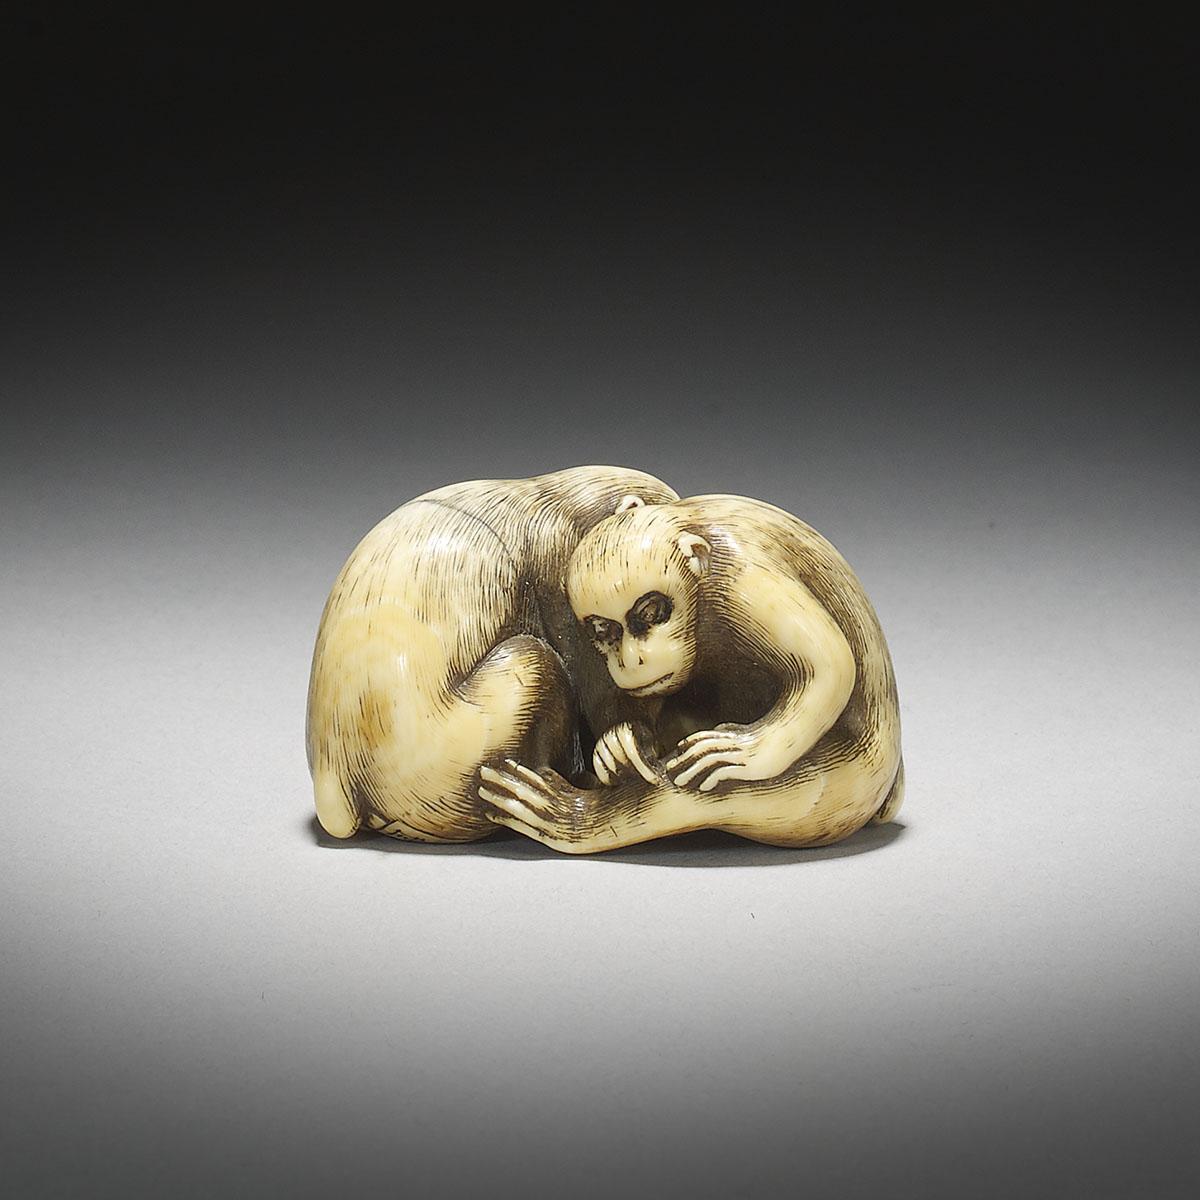 Ivory Netsuke of Two Monkeys by Okatori_MR2912_v1